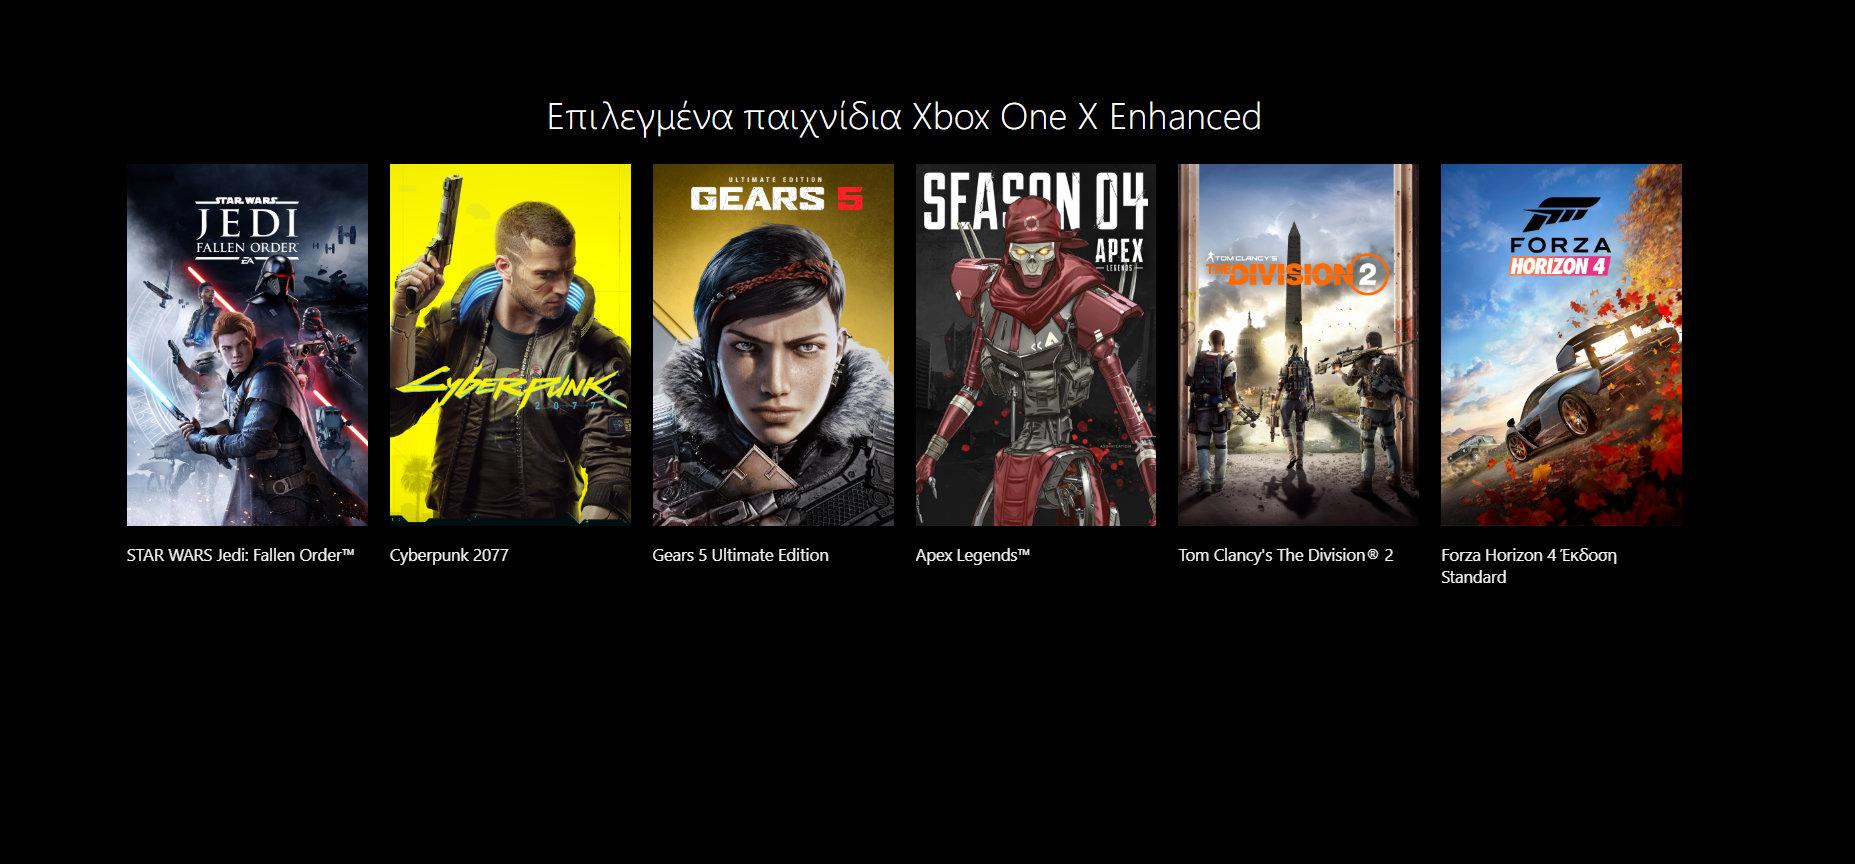 Όλοι οι Enhanced τίτλοι για το XBOX One X